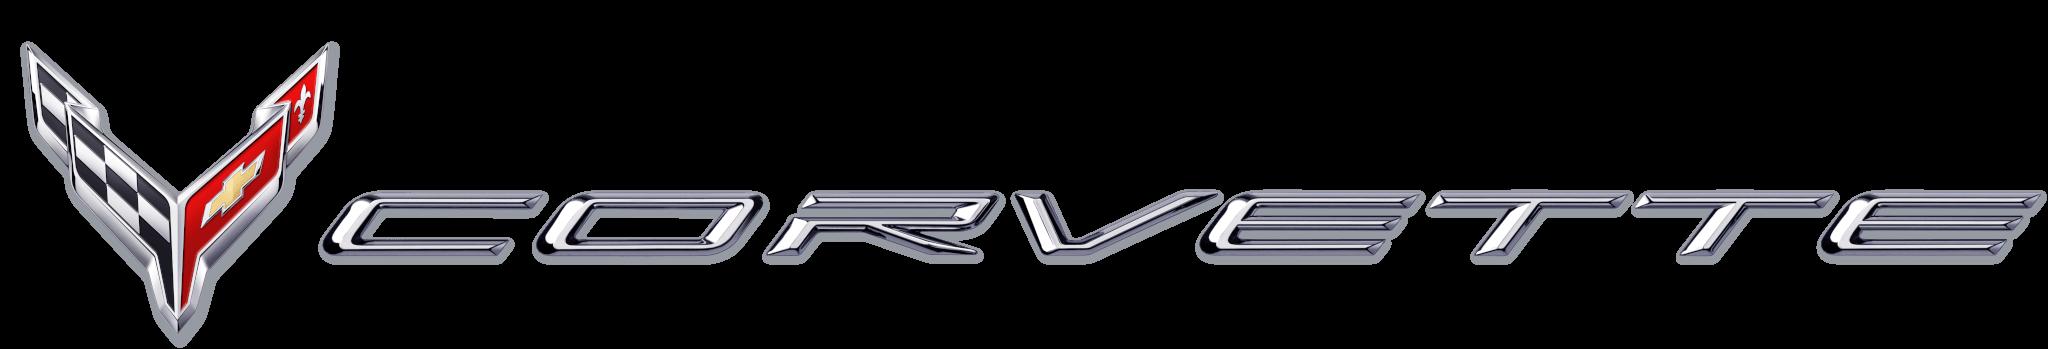 Corvette by Chevrolet